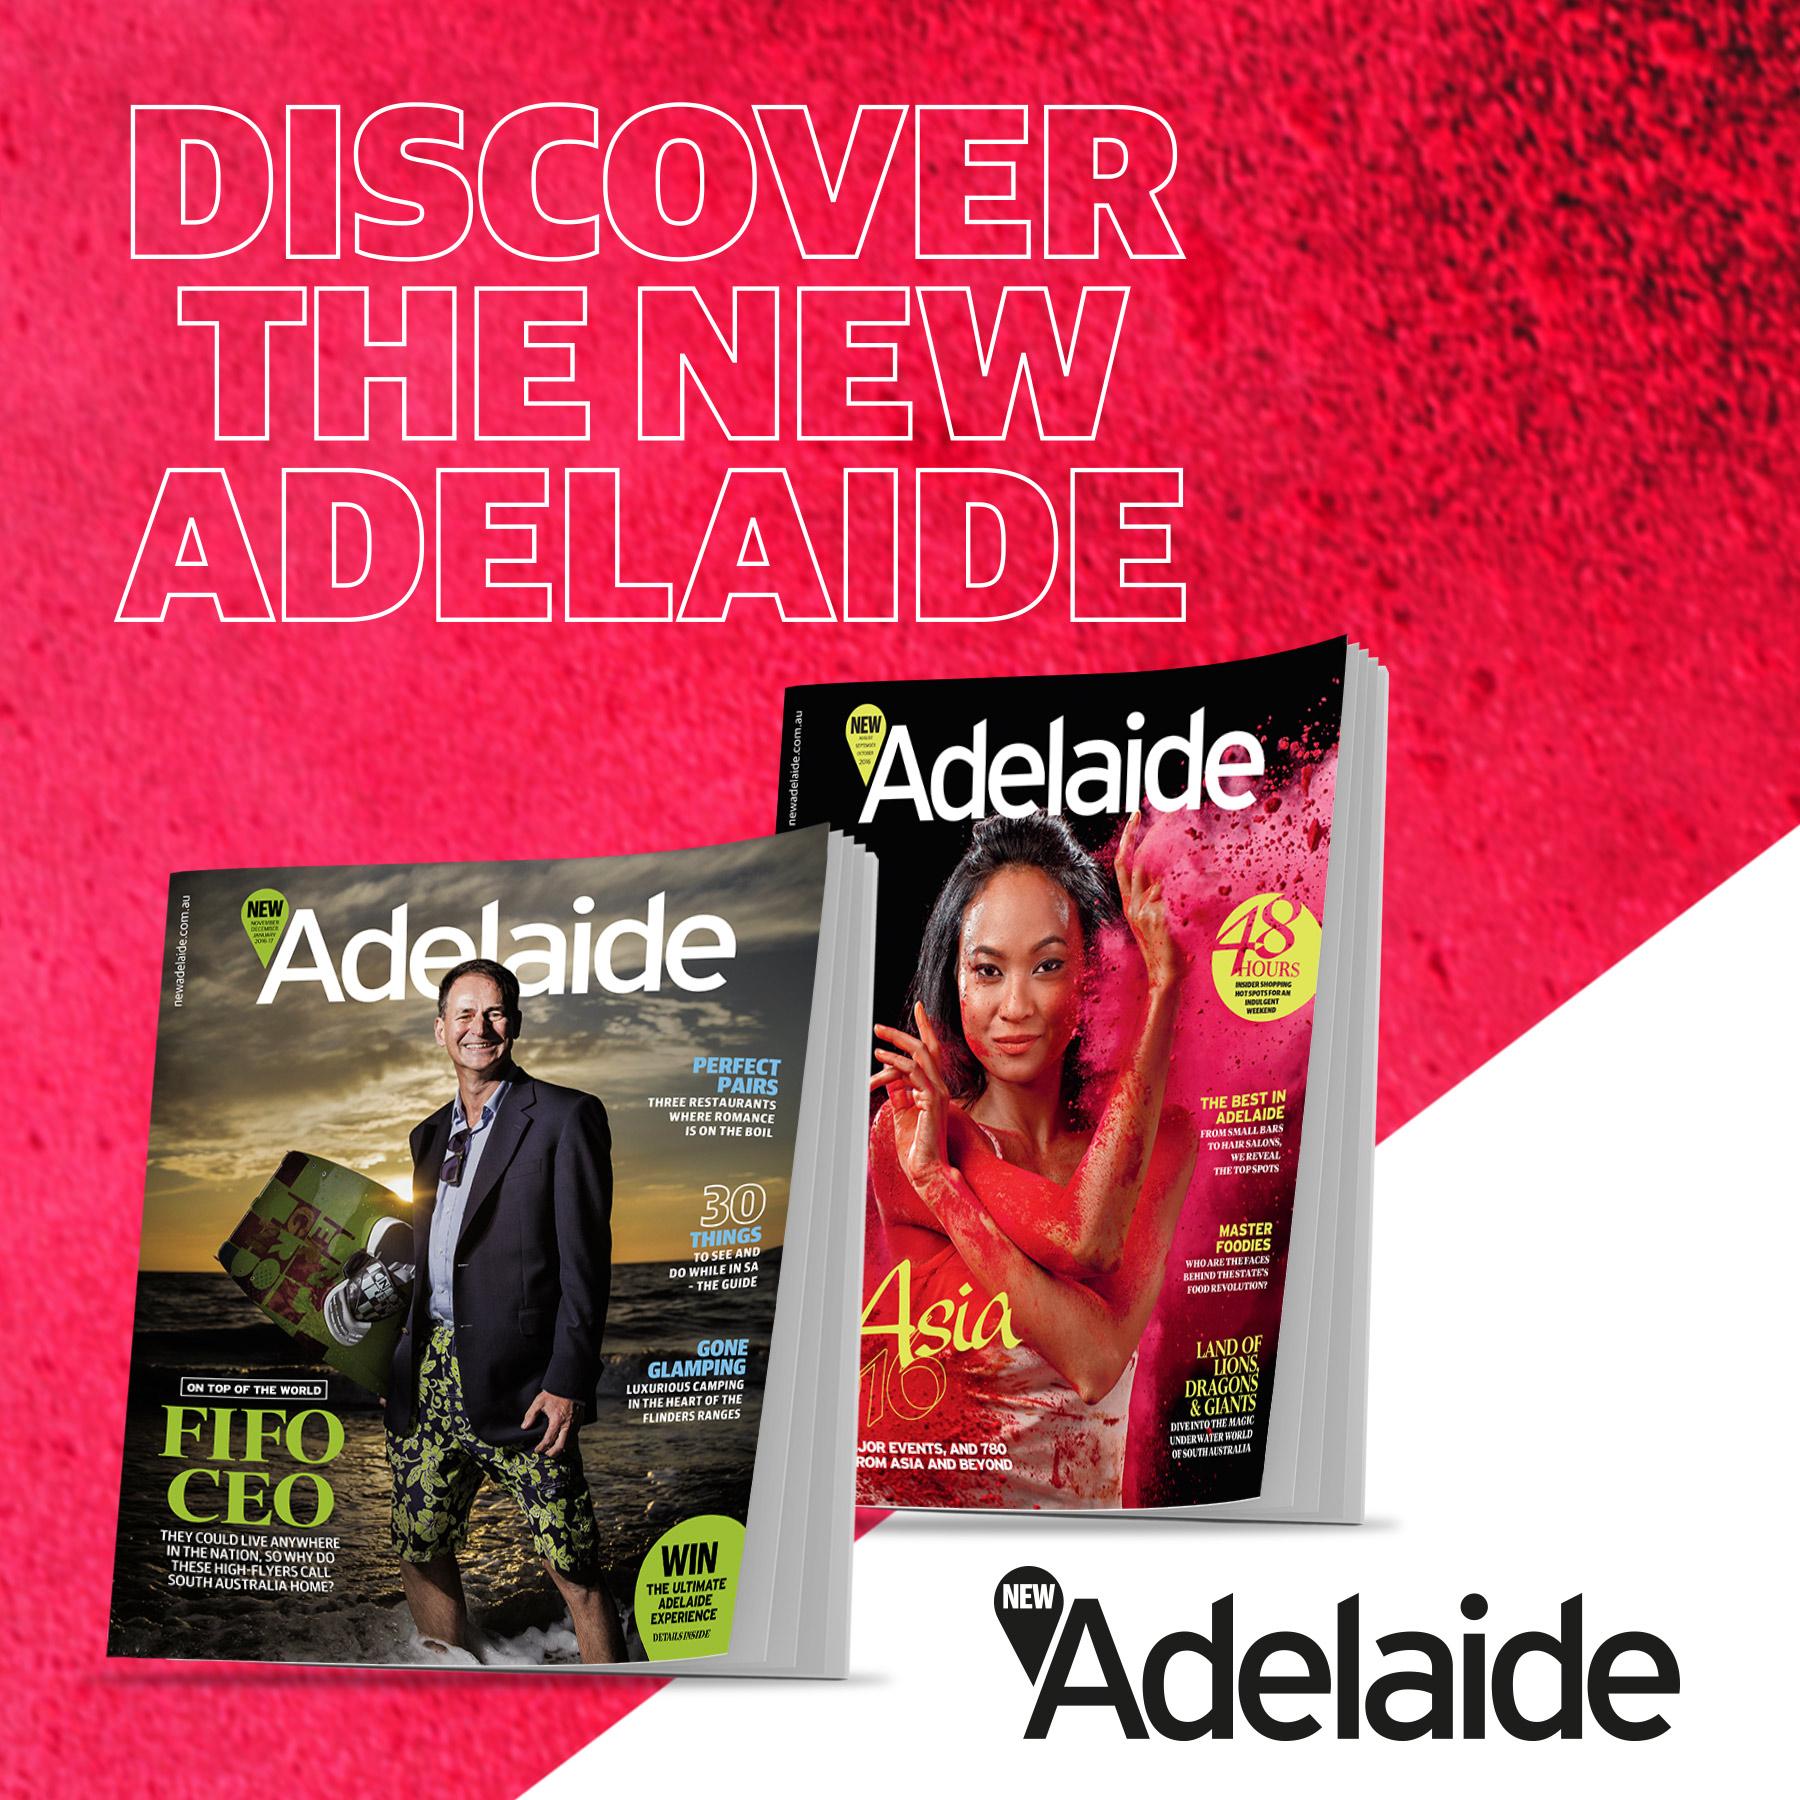 New Adelaide